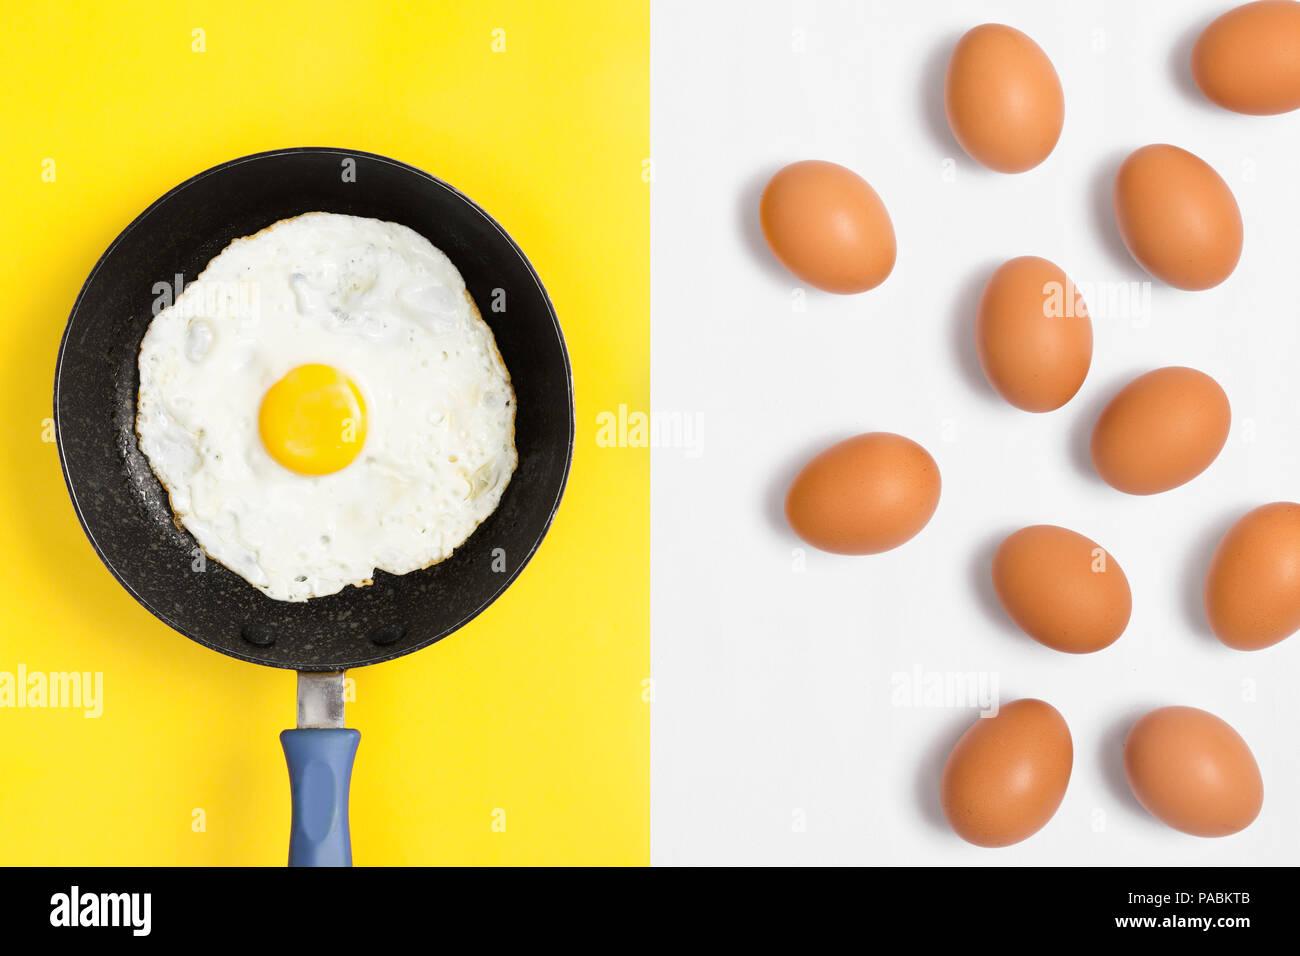 Frisch gekochtes Ei in einer Pfanne mit Ungekochte Eier zufällig über weißen Hintergrund platziert. Flach Bild. Stockbild